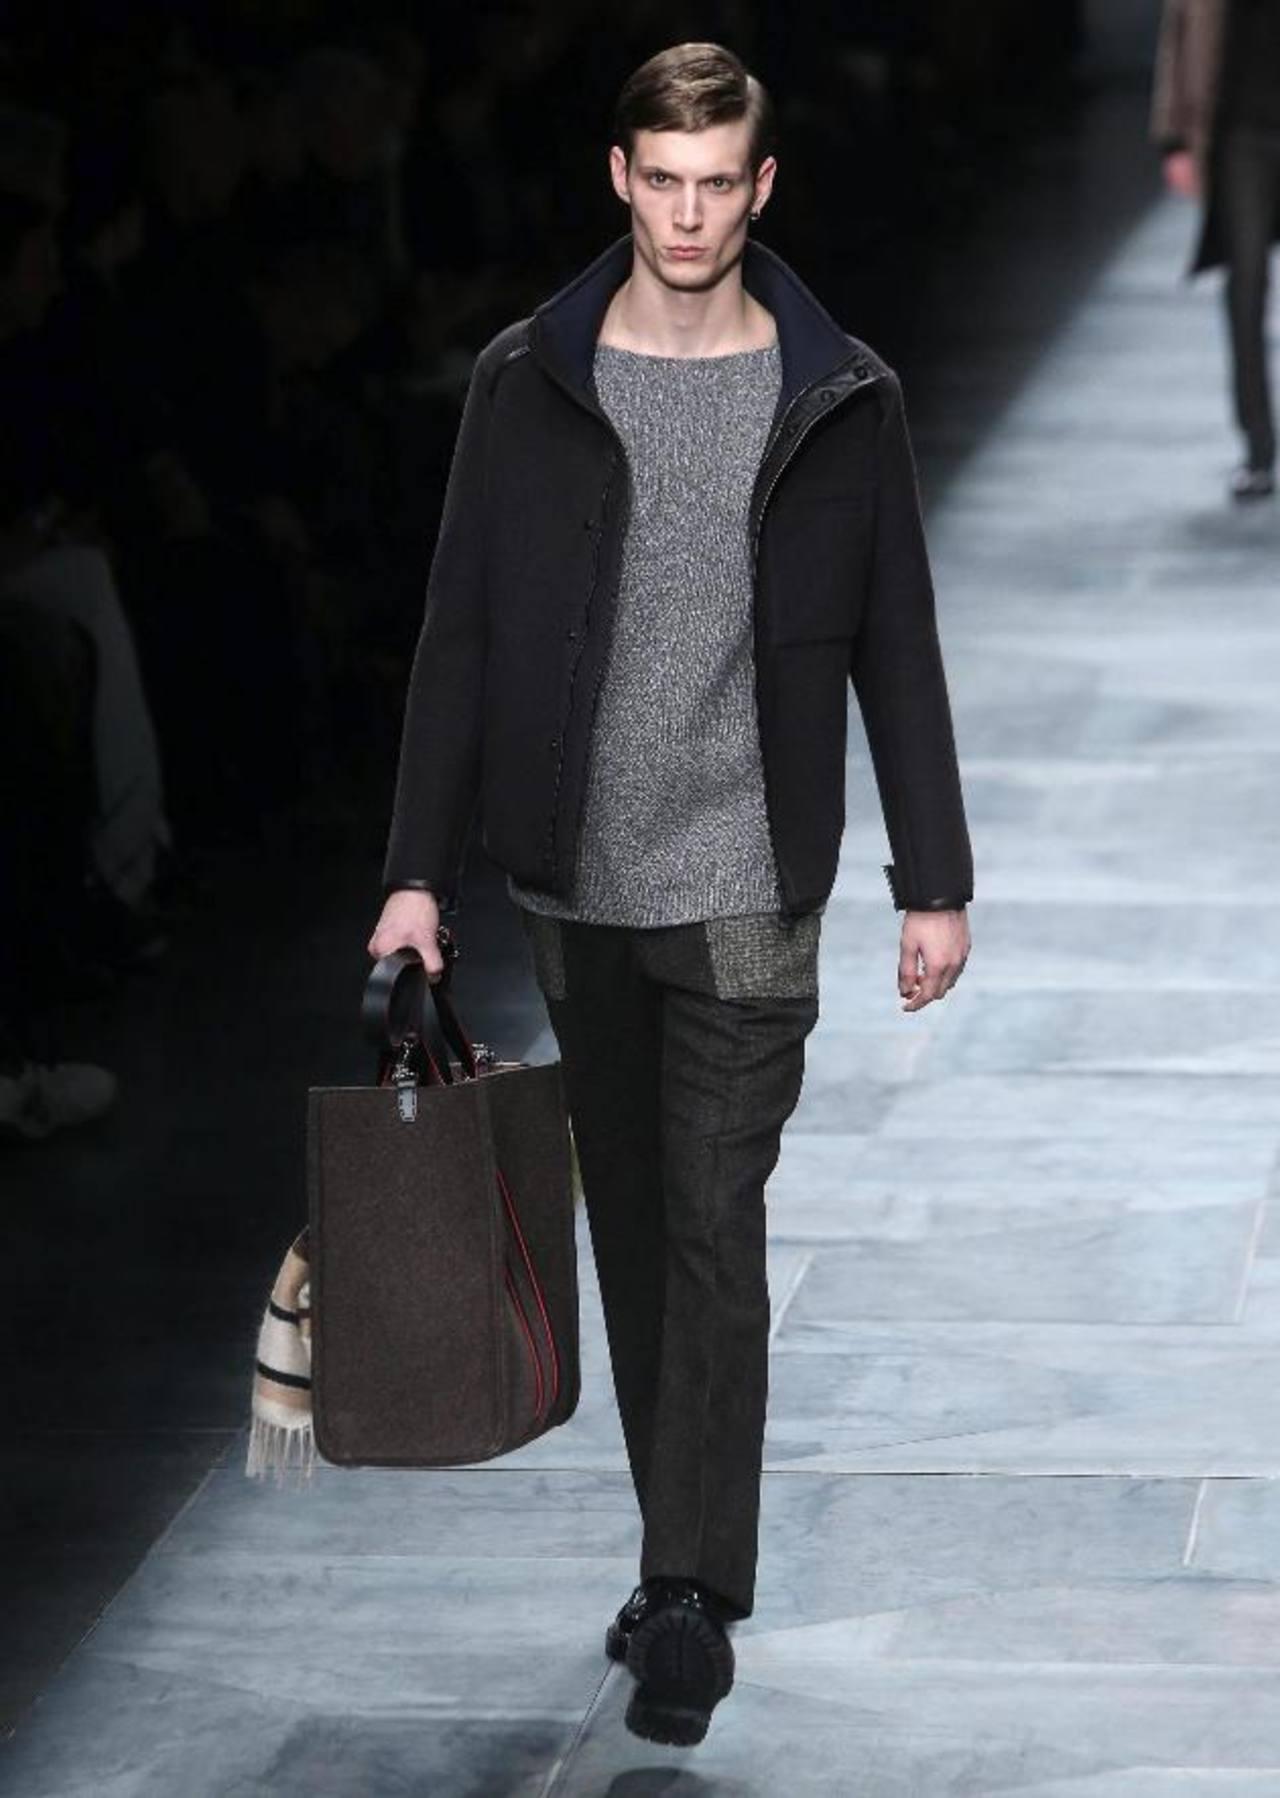 Bolsos de mano de piel son los que propone la casa de modas Fendi. foto edh / efe